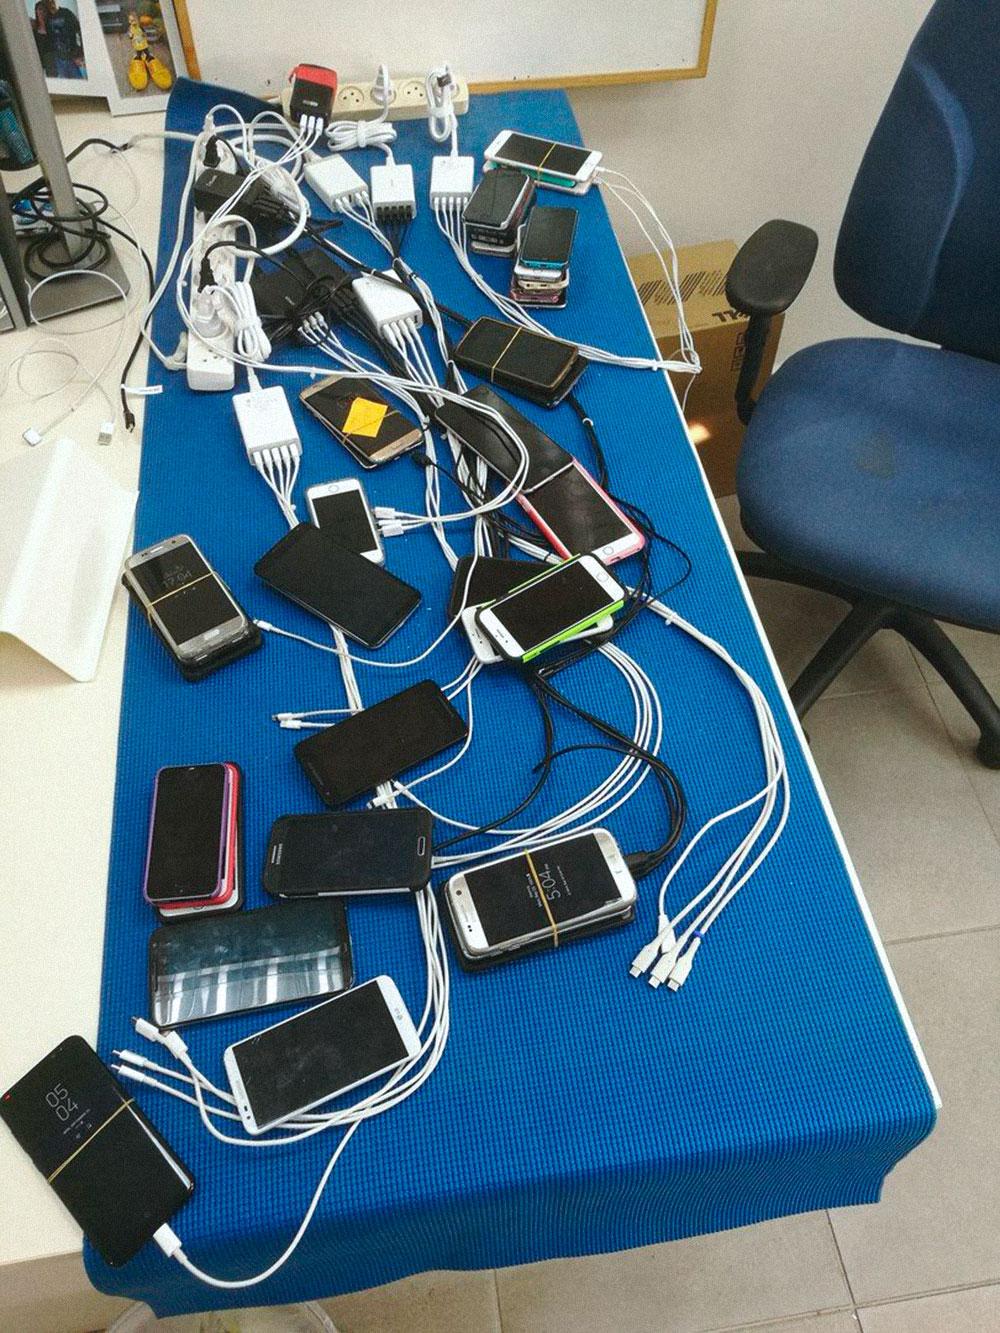 Я работаю тестировщиком мобильных приложений. Так выглядит мой рабочий стол